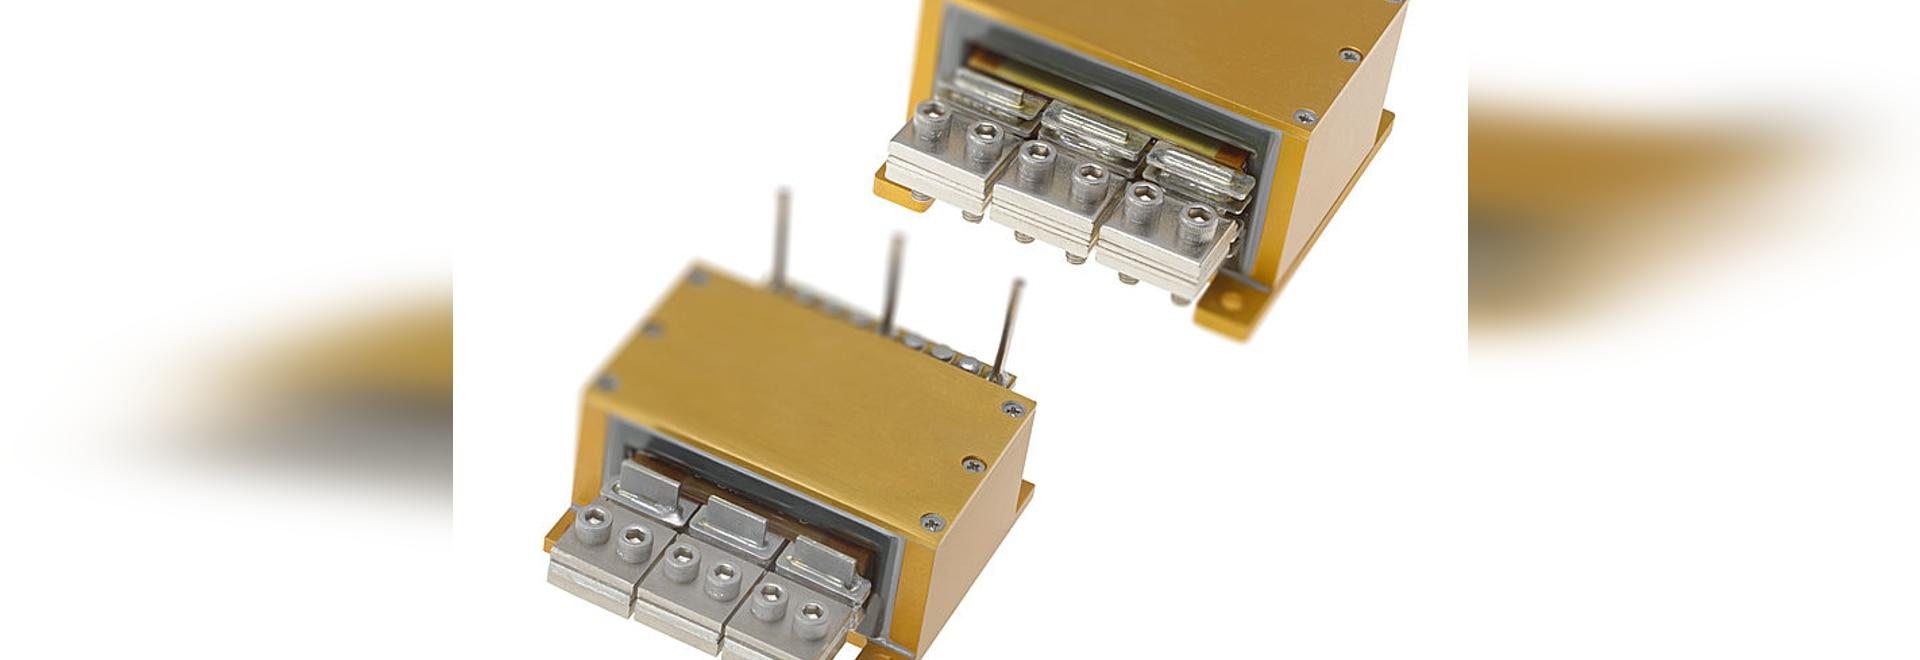 Trasformatore planare aerospaziale per le alimentazioni elettriche di Interruttore-Modo